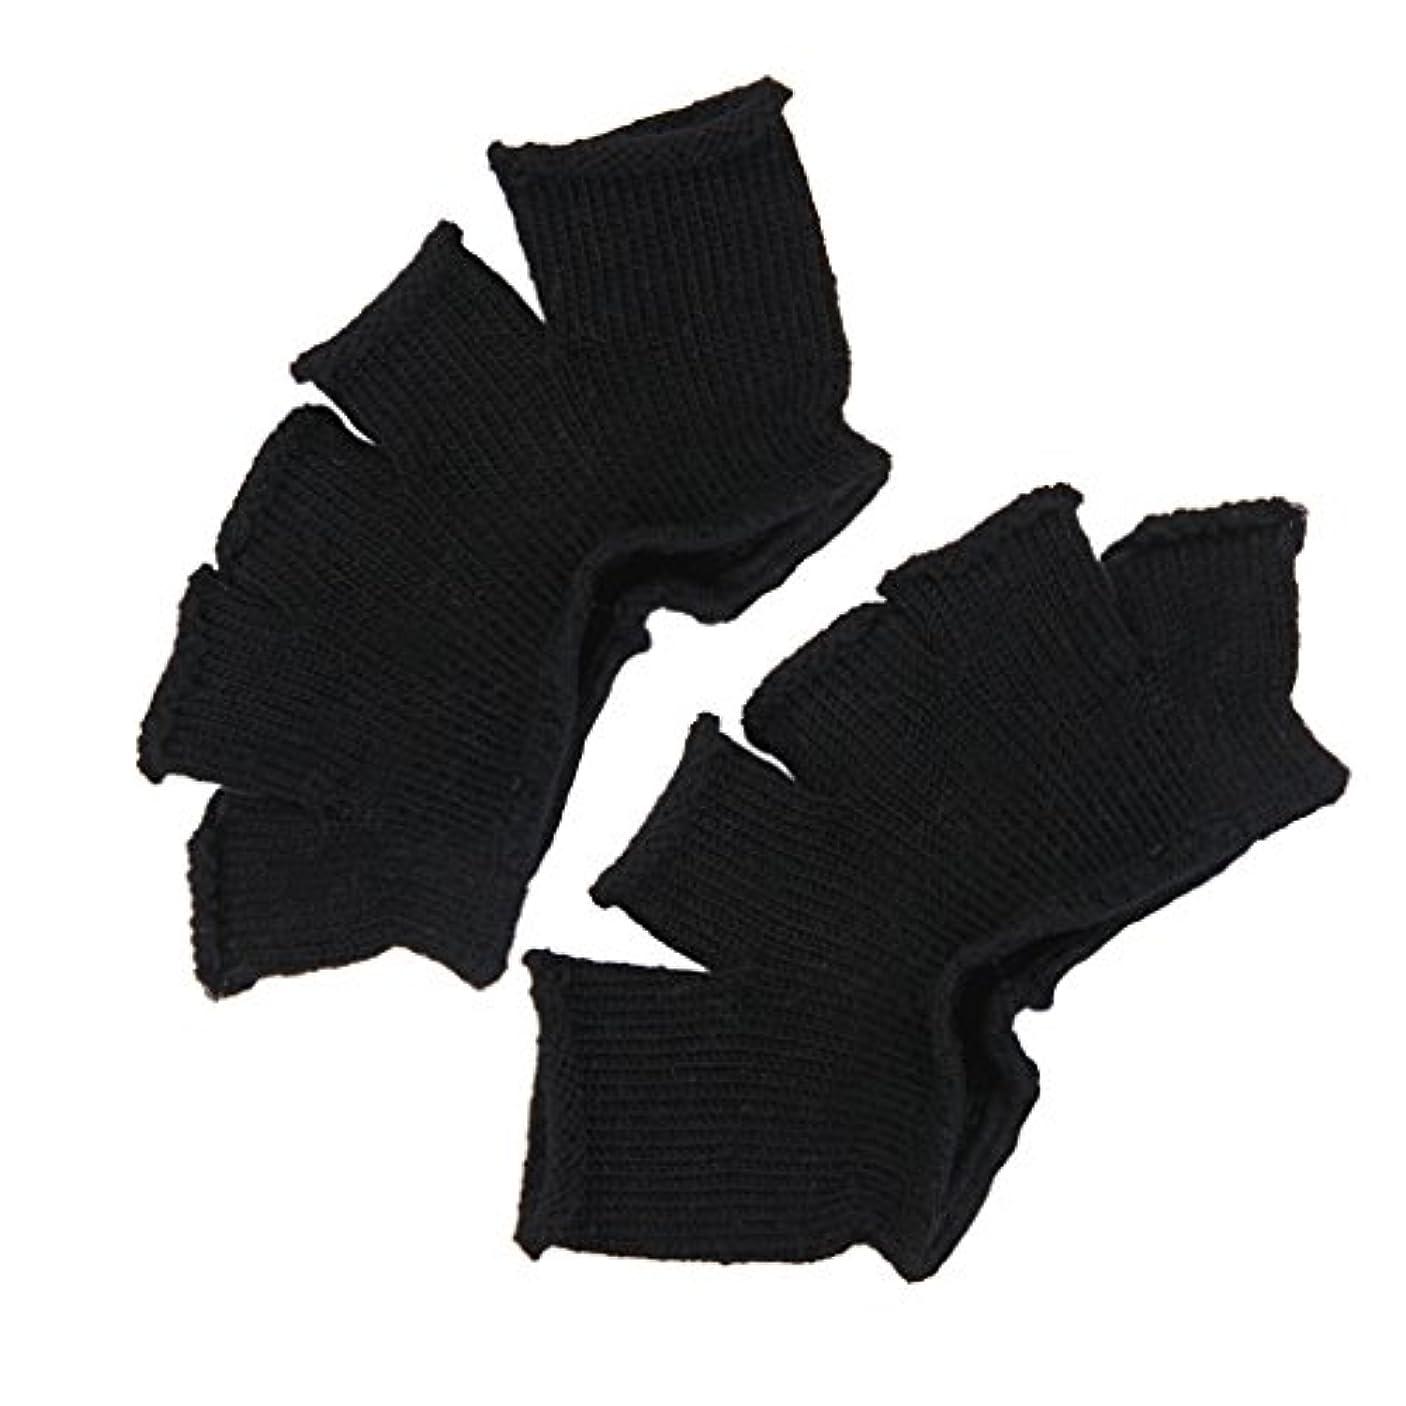 ログ状態豊かなFootful 5本指カバー 爽快指の間カバー 2枚組 男女兼用 足の臭い対策 抗菌 防臭 フットカバー (ブラック)